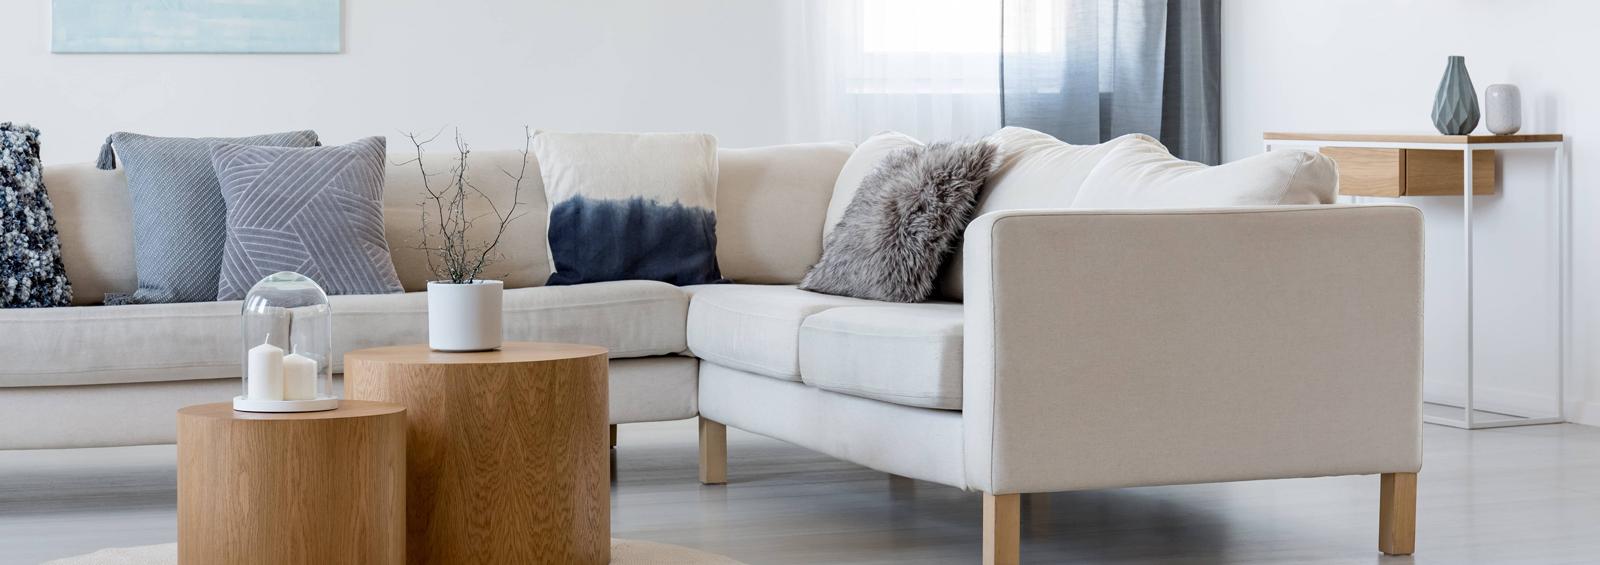 Inspirierend Moderne Gardinen Für Wohnzimmer Galerie Von Wohndesign Ideen